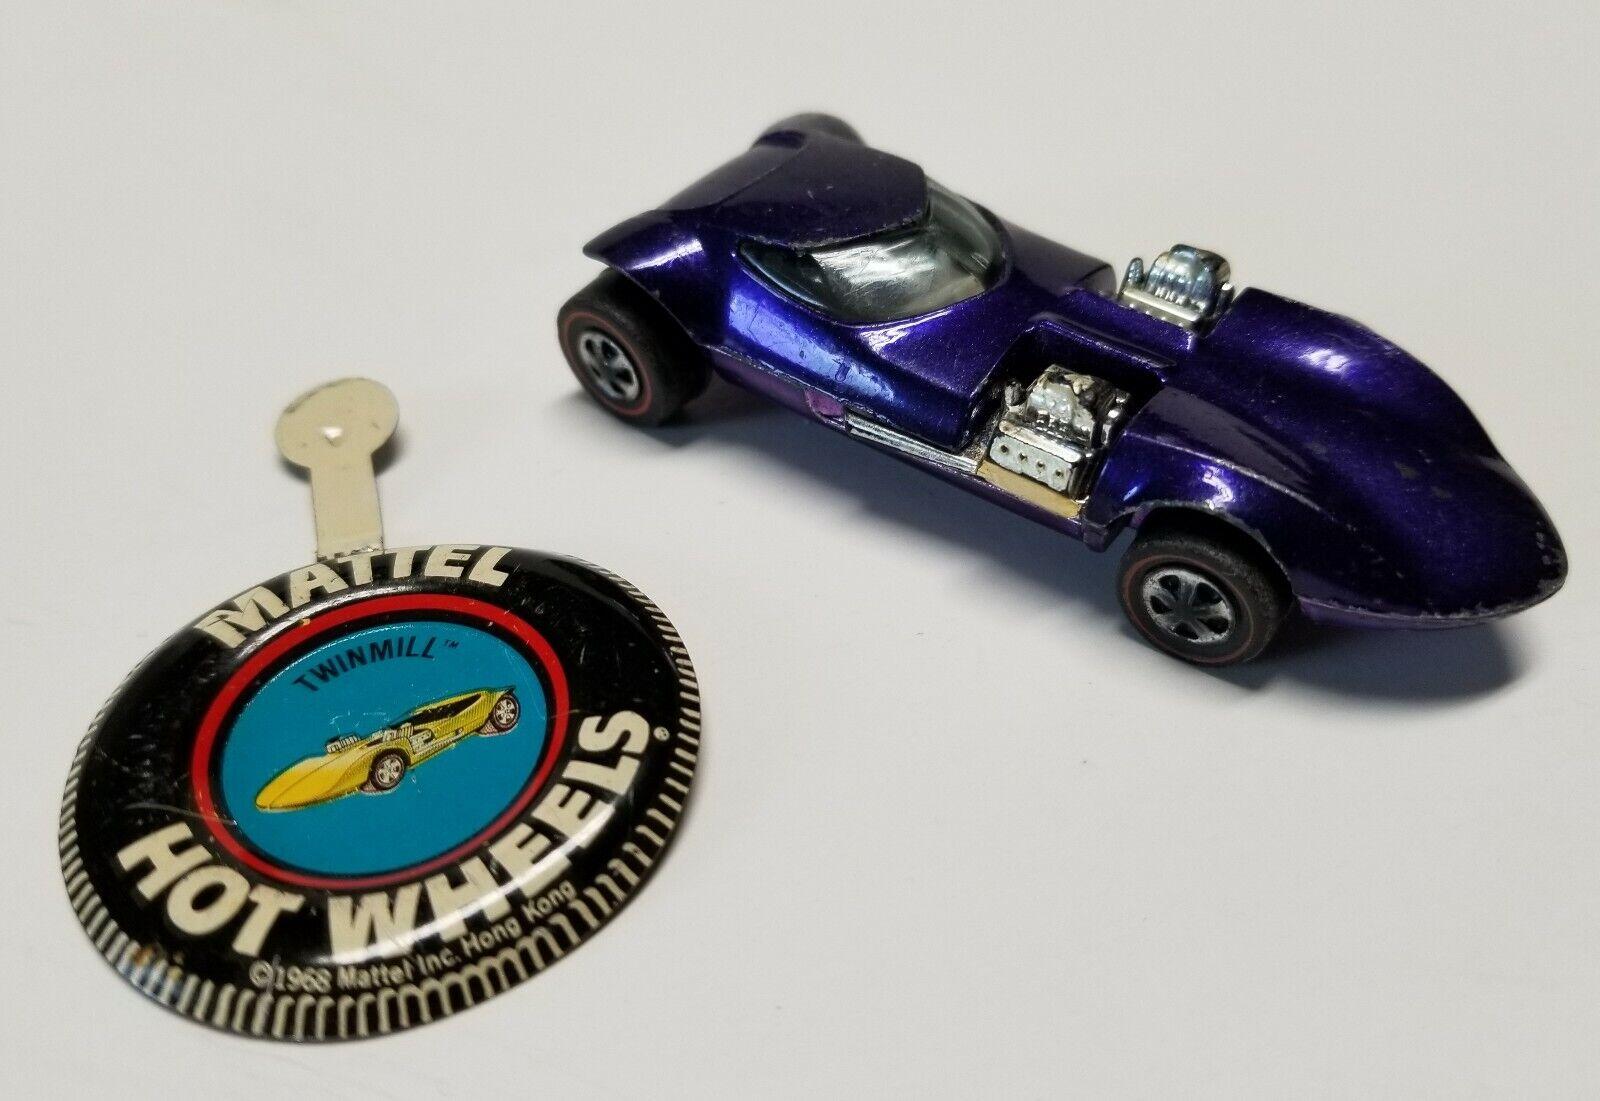 Vintage Hot Wheels Purple Redline 1968 Twinmill Diecast Car & Badge Mattel Toy